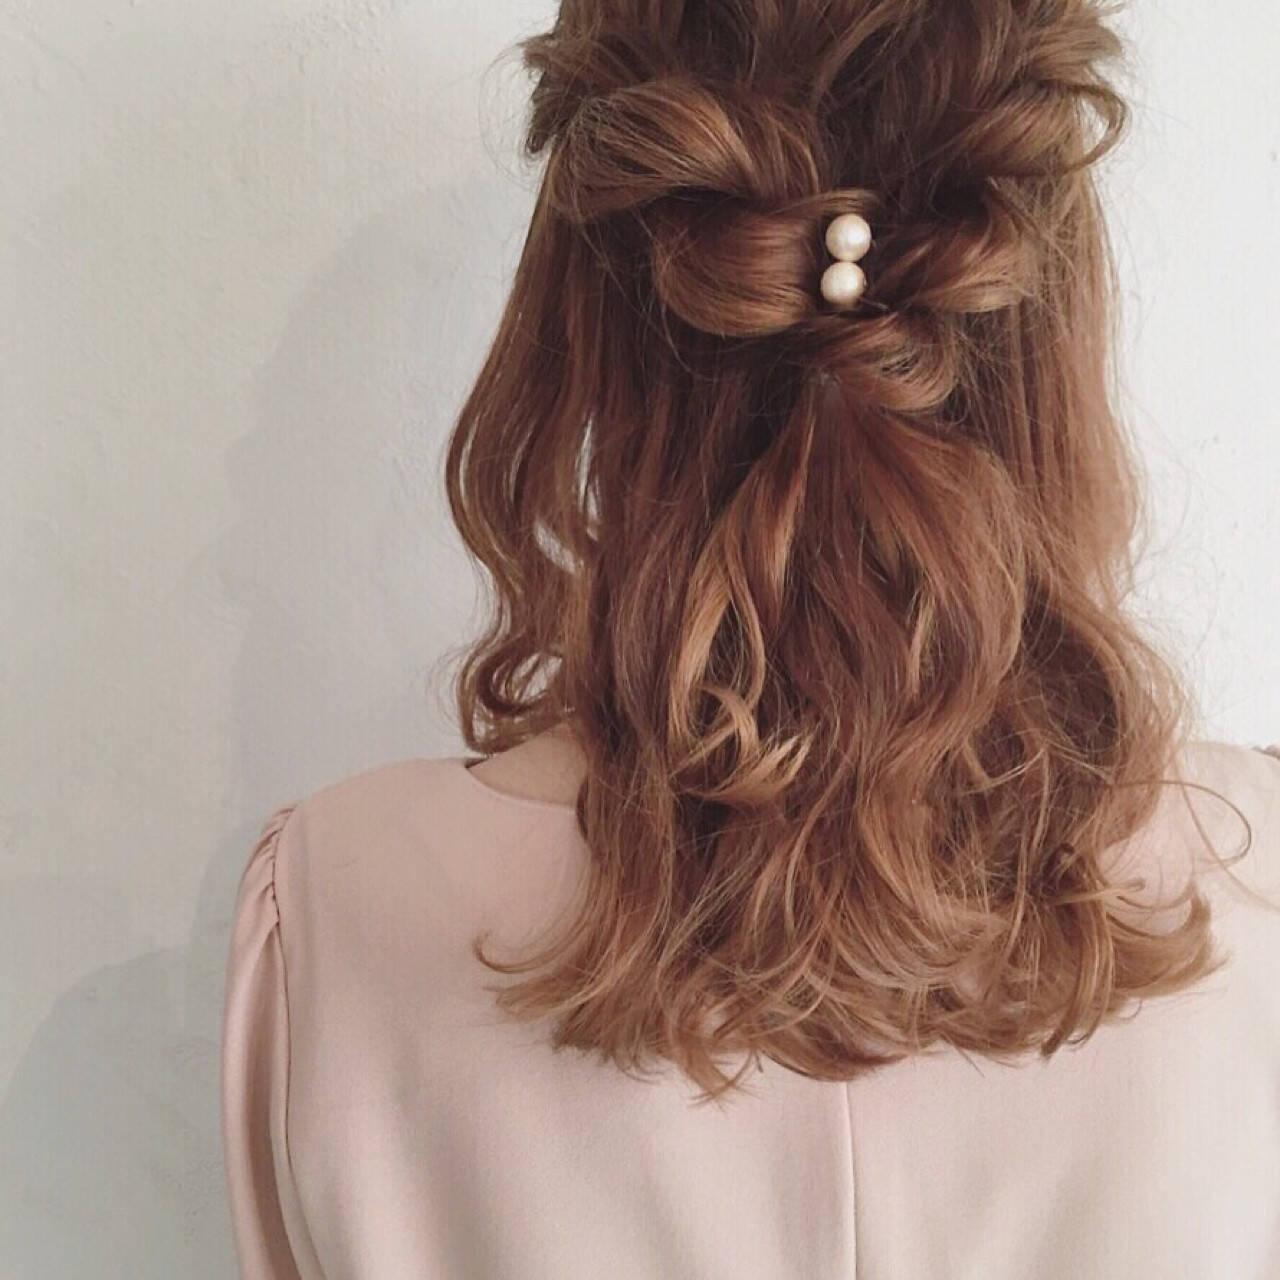 ヘアアレンジ ミディアム ハーフアップ イルミナカラーヘアスタイルや髪型の写真・画像